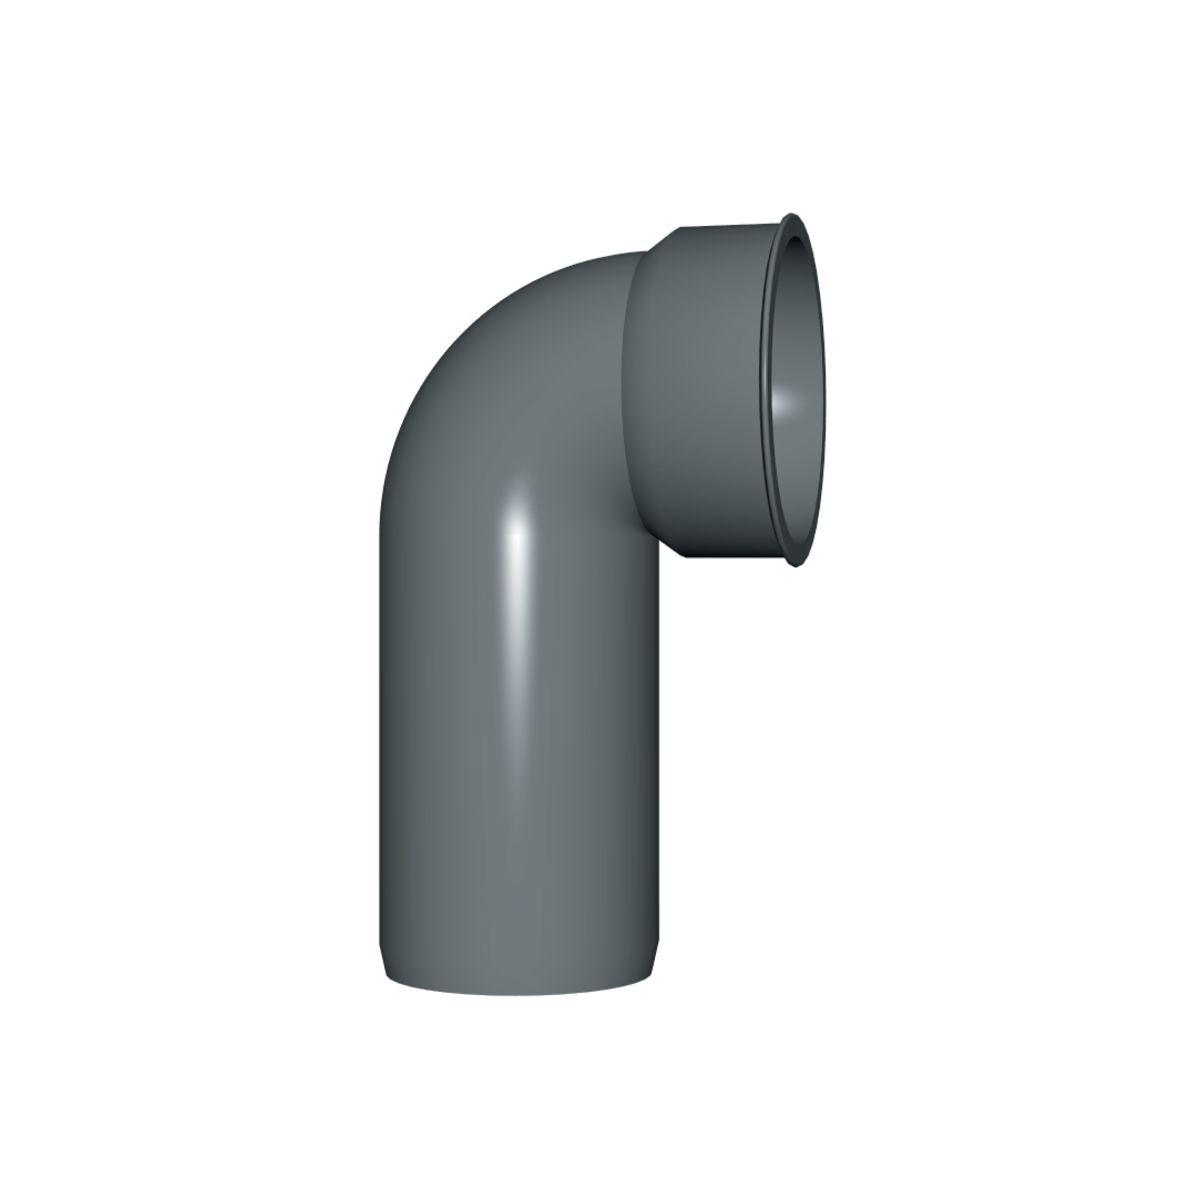 Curva tecnica 40 50 mm prezzi e offerte online - Cattivo odore bagno tubo di sfiato ...